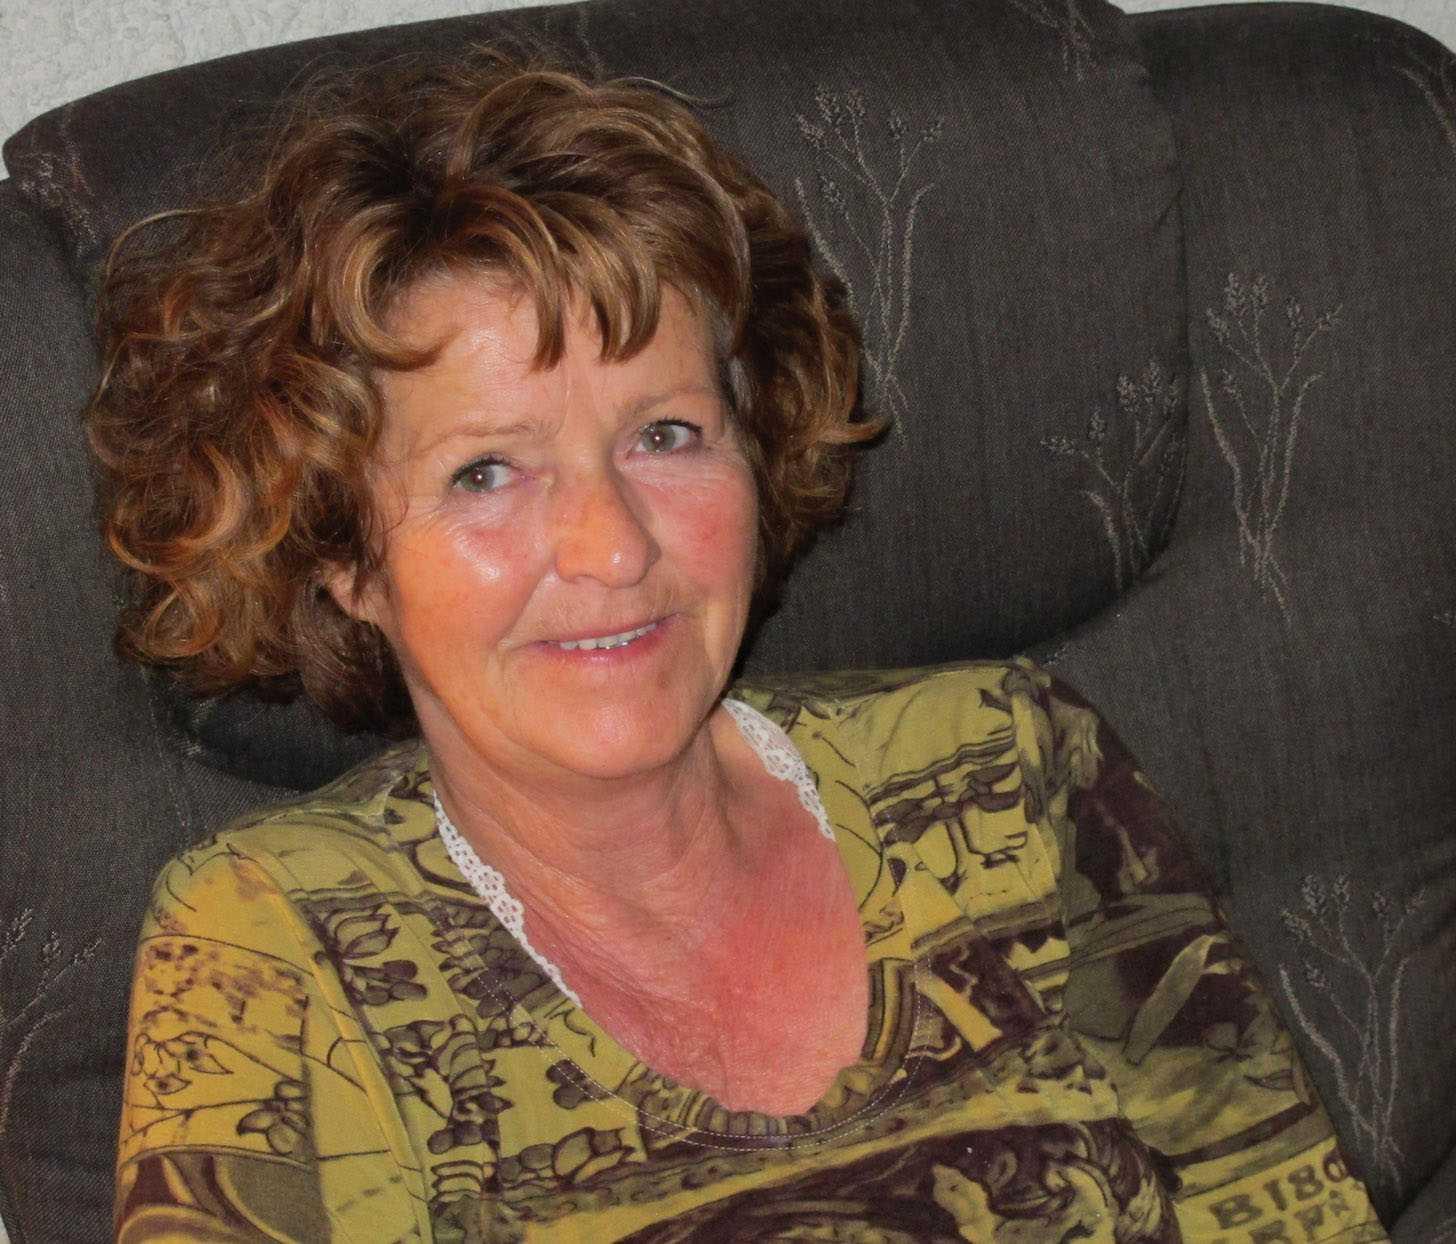 Anne-Elisabeth, gift med en av Norges rikaste män, har varit försvunnen sedan den 31 oktober 2018.